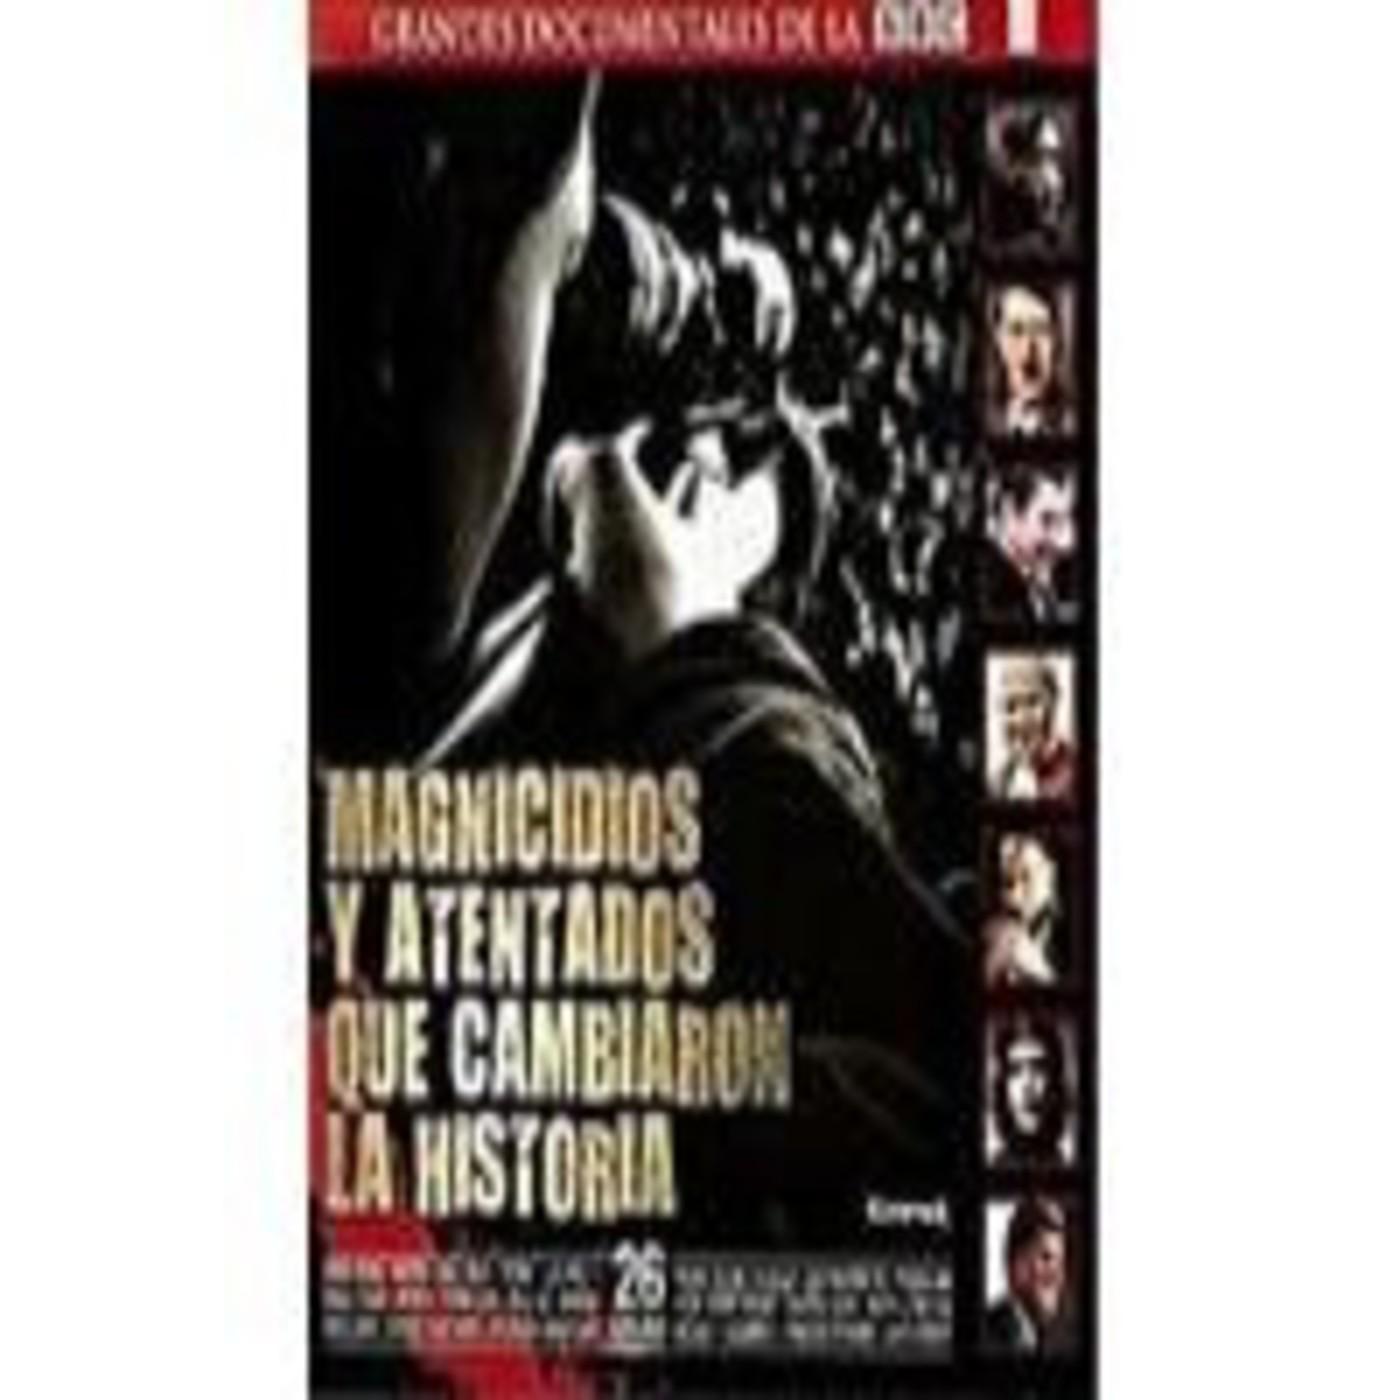 Atentados que cambiaron la historia: El Asesinato del Che Guevara